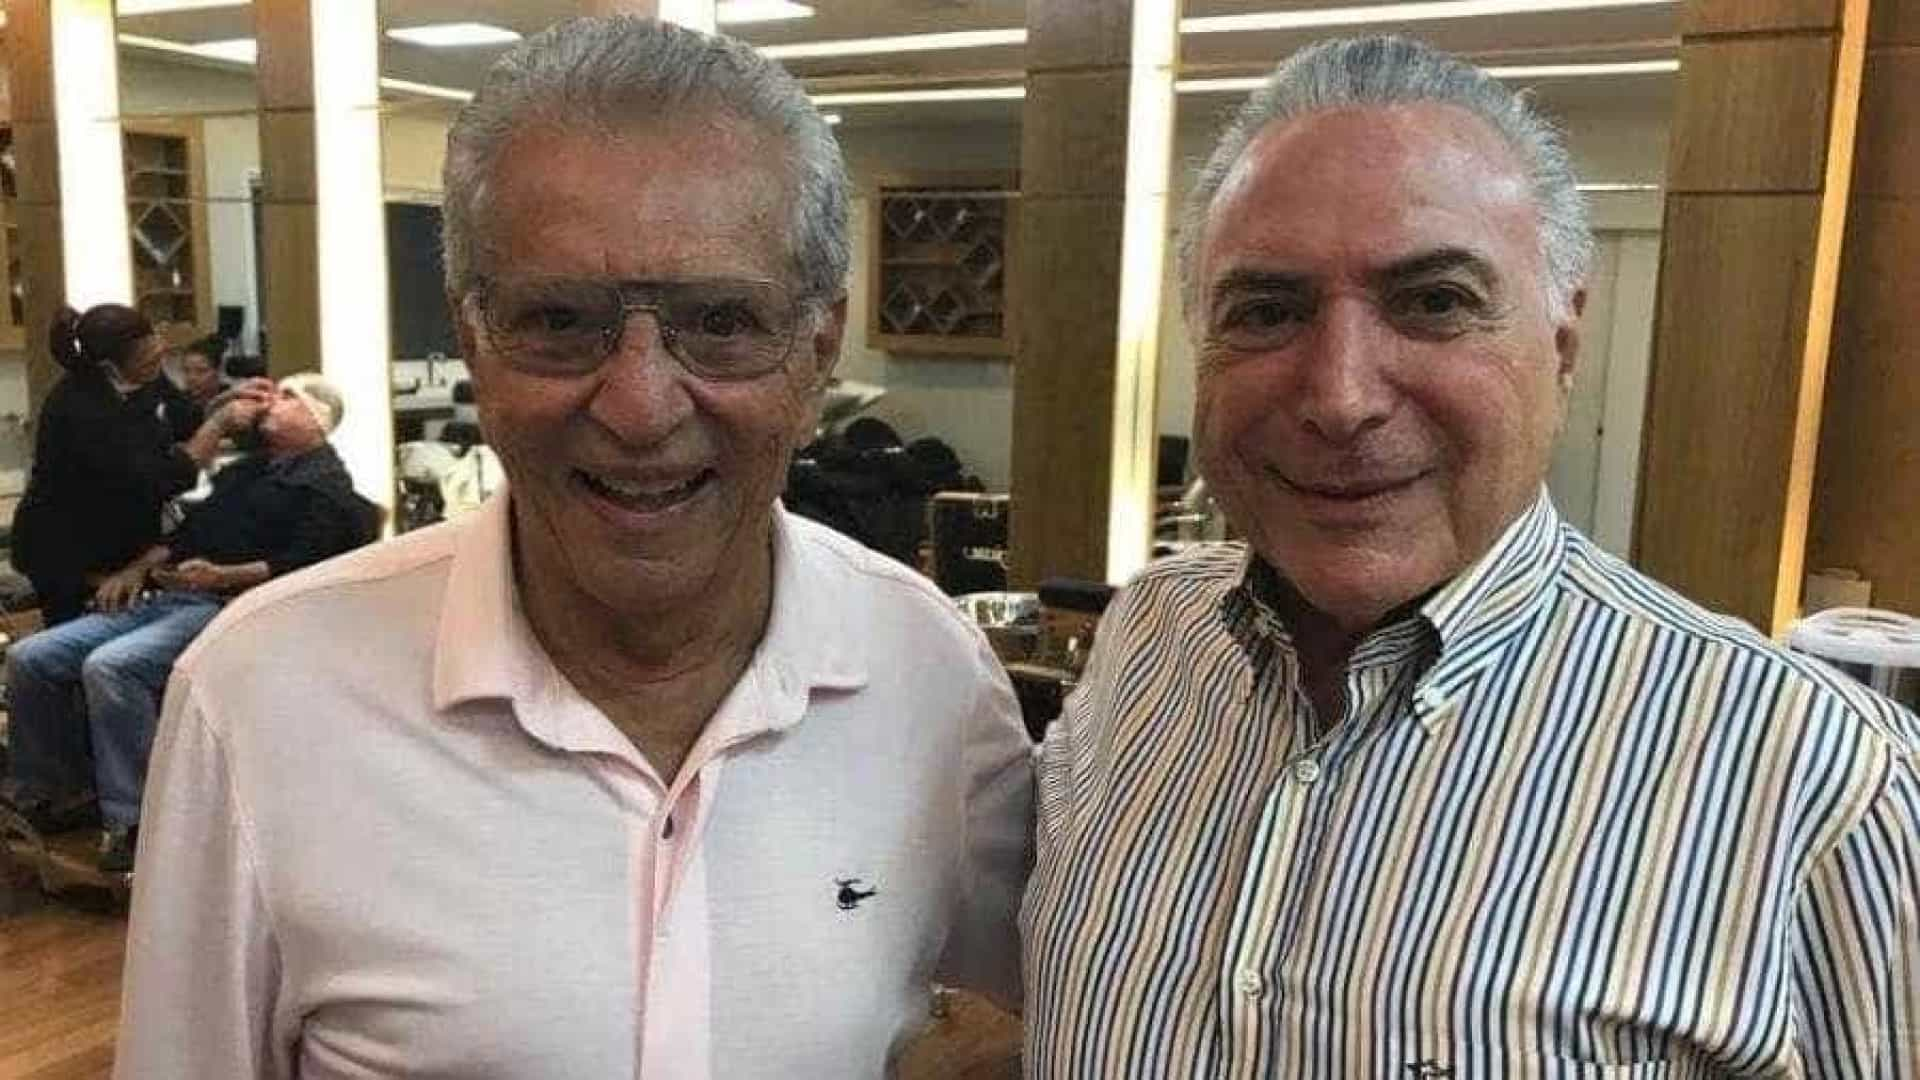 Carlos Alberto de Nóbrega relata 'climão' com Temer no Jassa